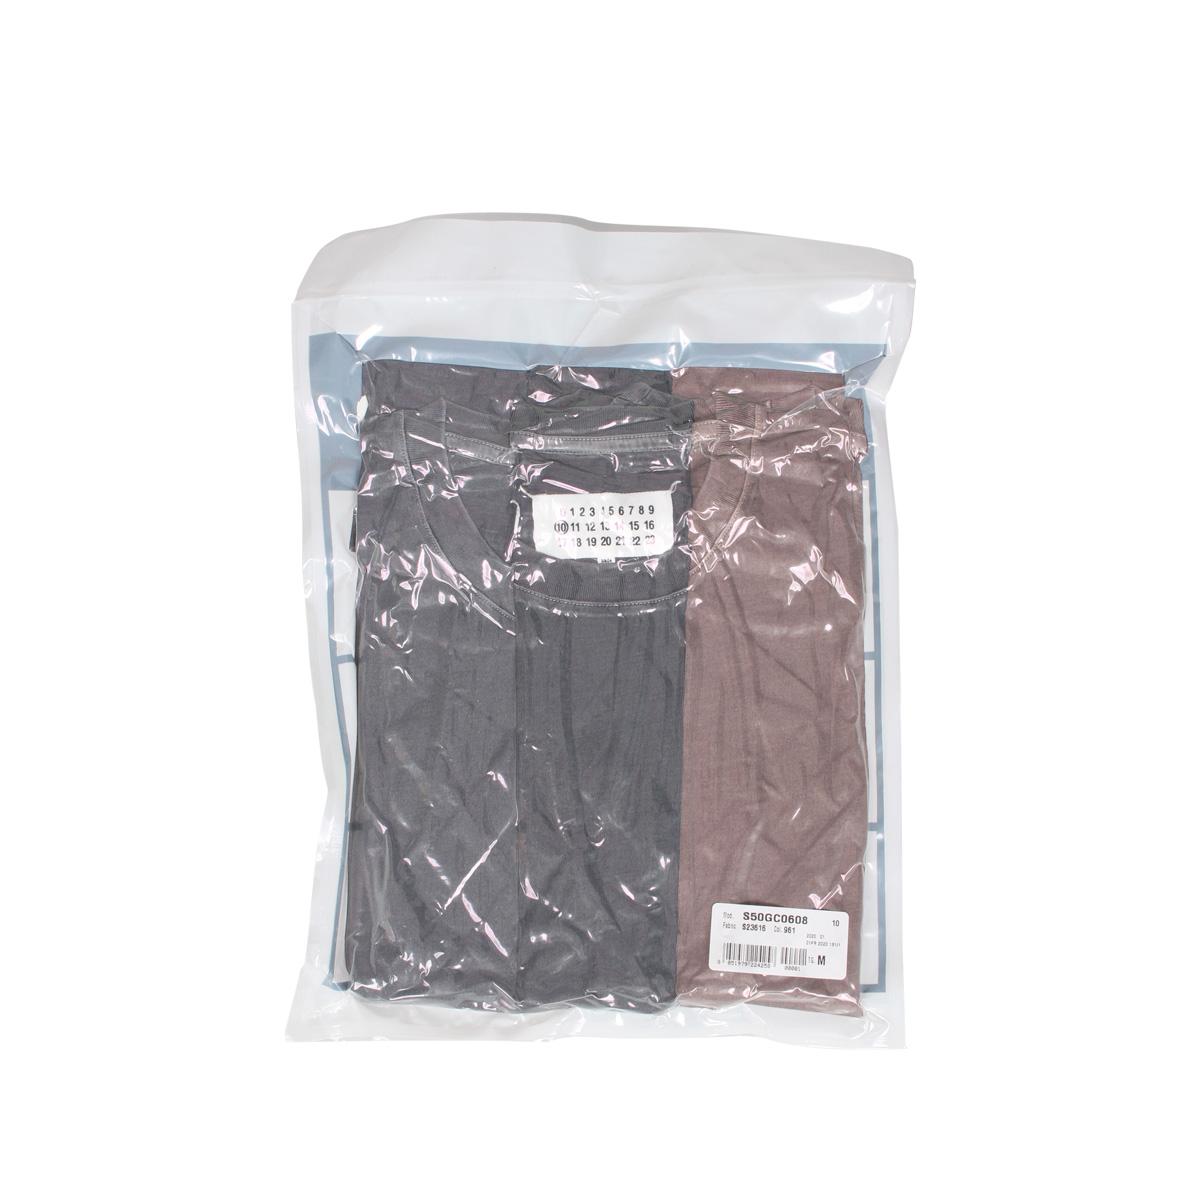 MAISON MARGIELA T SHIRT メゾンマルジェラ Tシャツ 半袖 メンズ 3枚組 グレー S50GC0608-961 [3/4 新入荷]